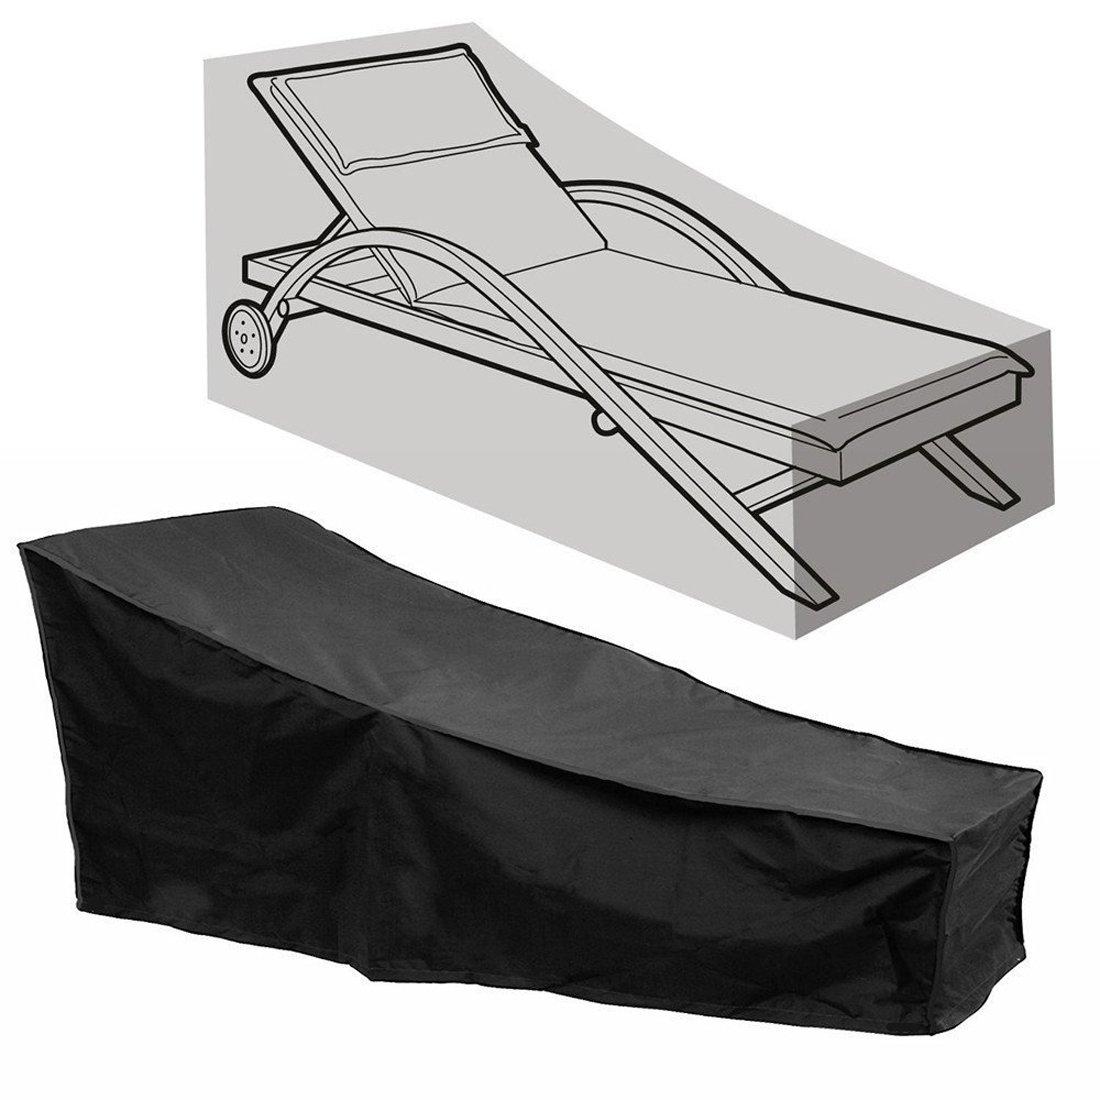 Comfysail Housse pour Chaise Longue B/âche de Protection Chaise Longue ext/érieur /étanche Jardin Anti-UV imperm/éable avec Sac de Rangement